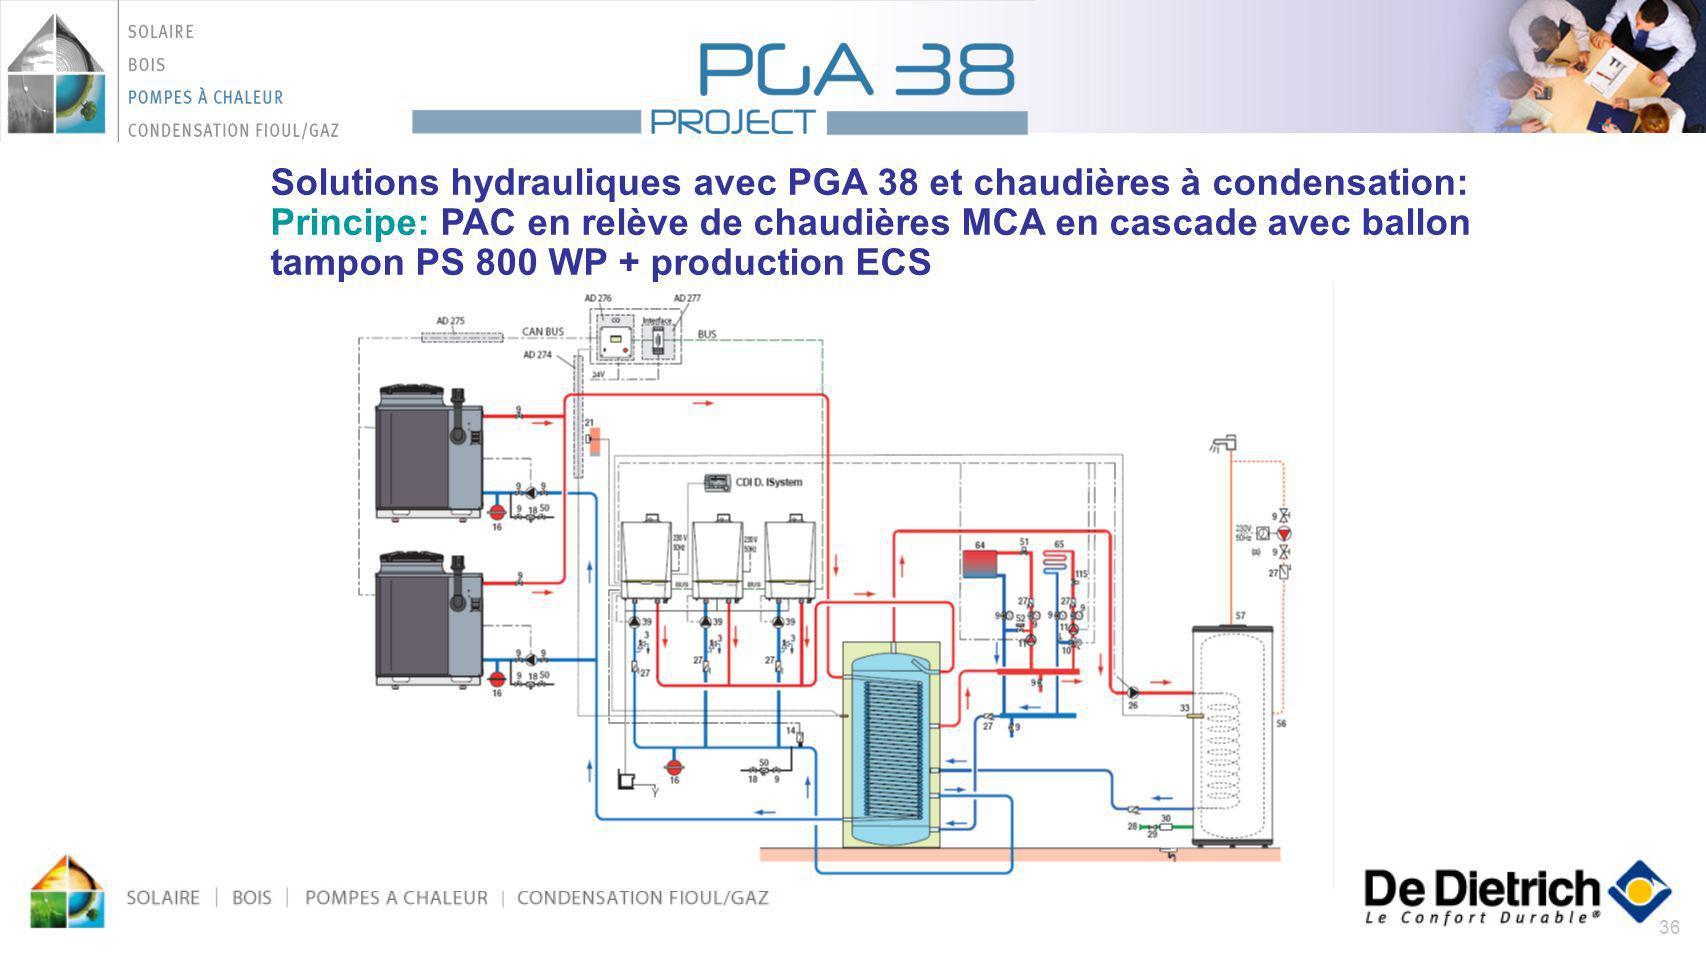 36 Solutions hydrauliques avec PGA 38 et chaudières à condensation: Principe: PAC en relève de chaudières MCA en cascade avec ballon tampon PS 800 WP